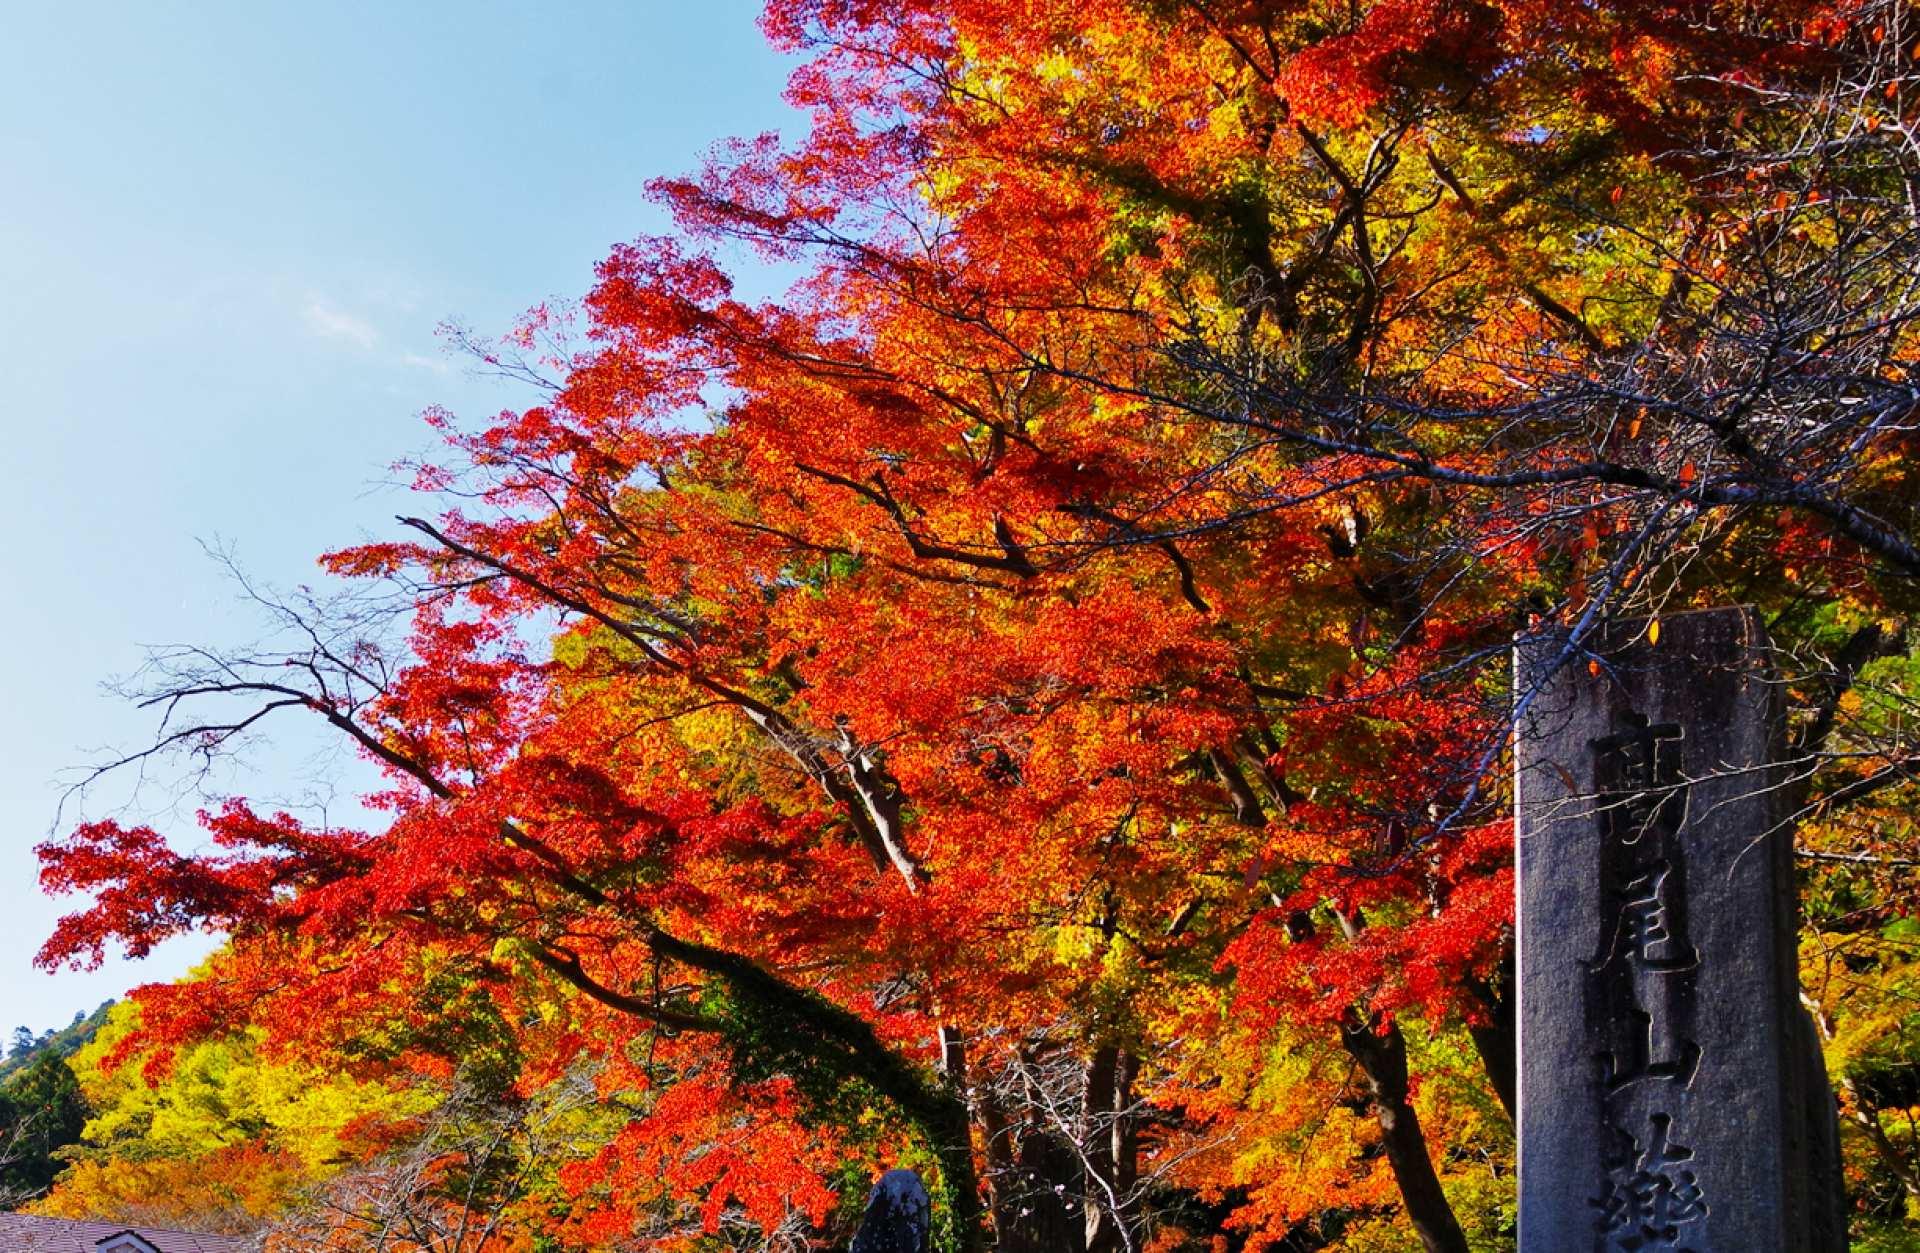 東京発|高尾山・紅葉レッキングツアー|天然温泉入浴付き